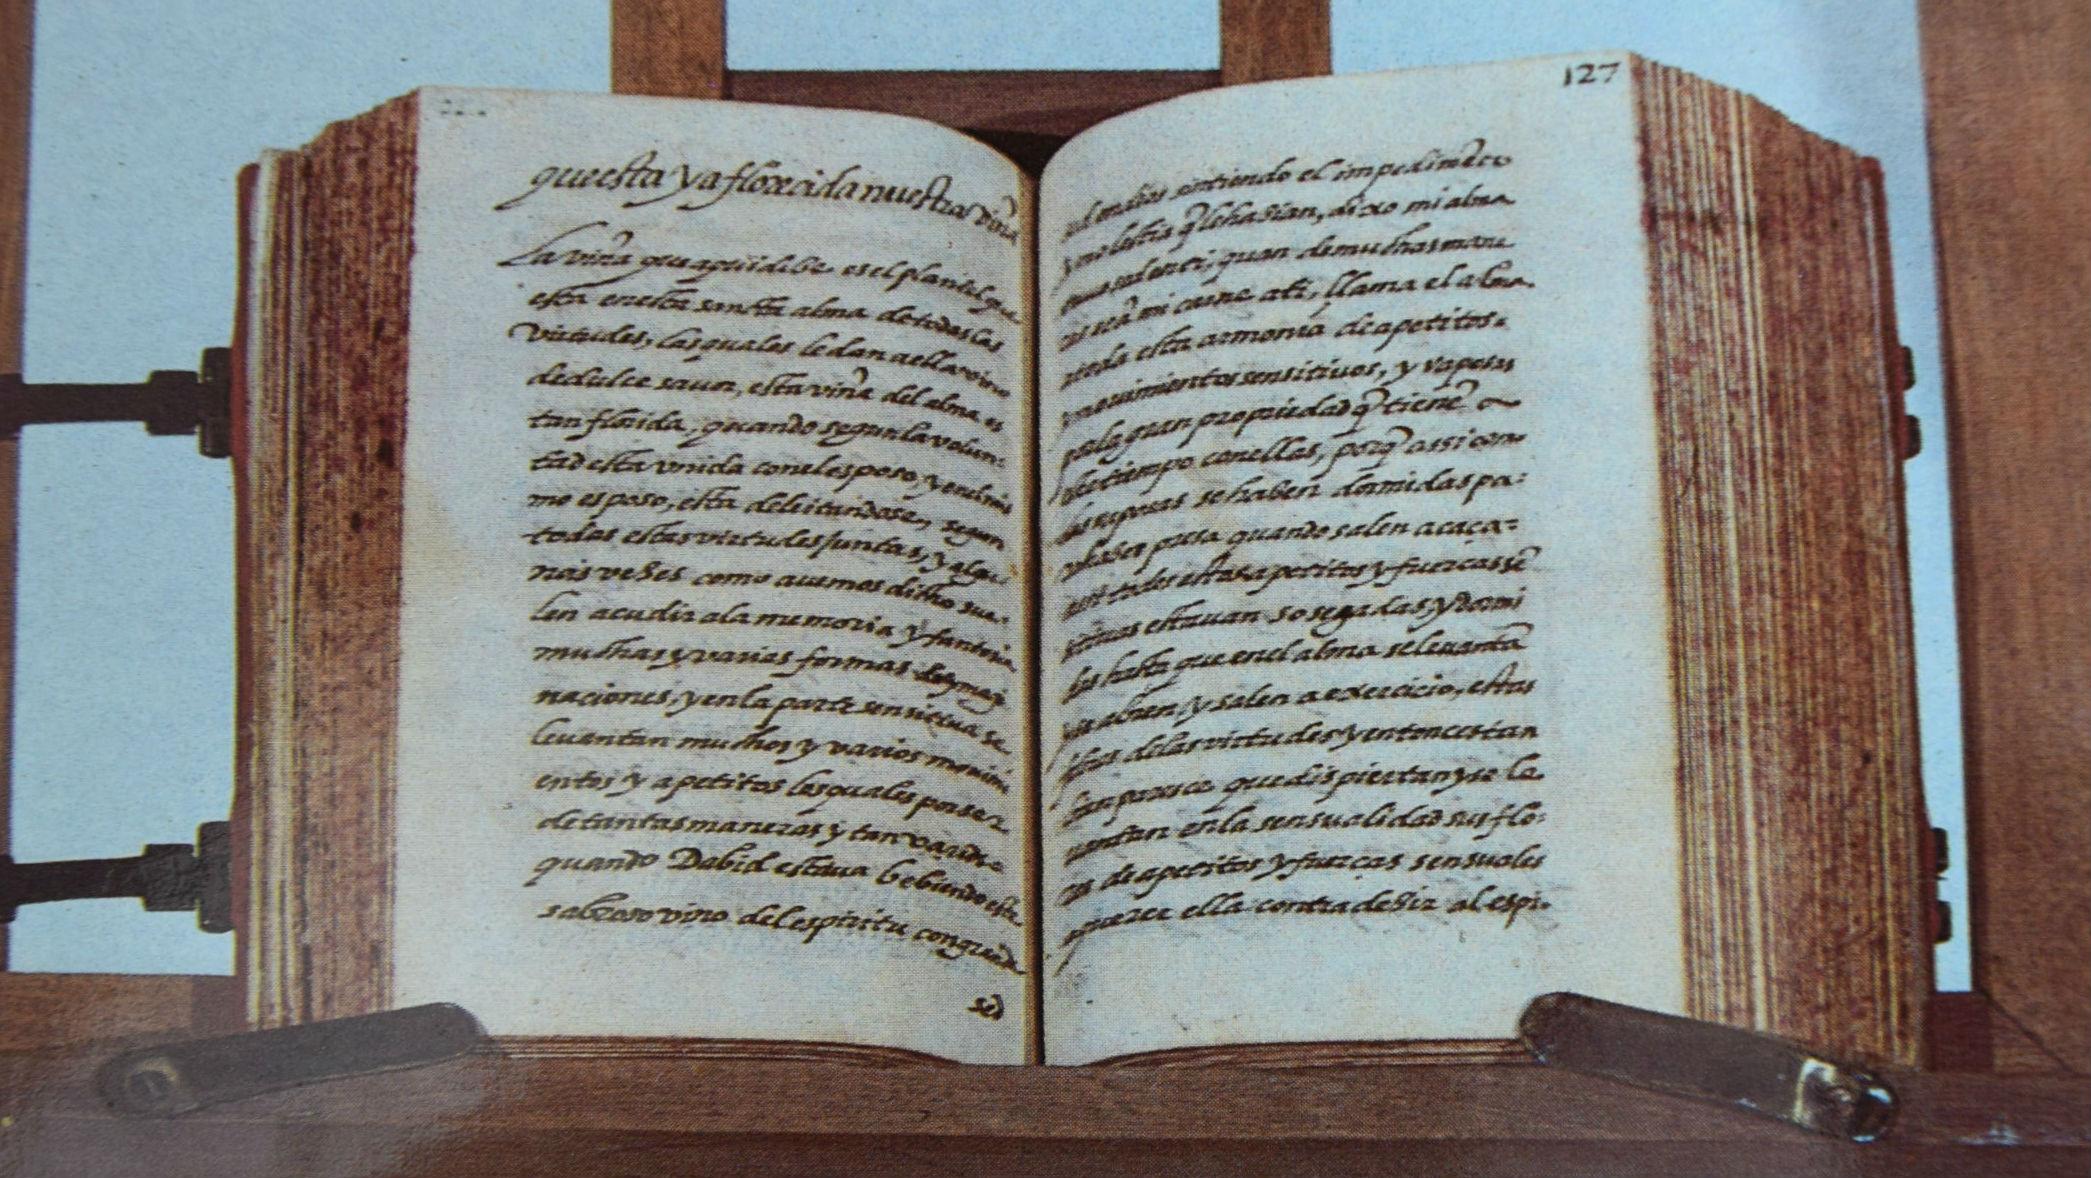 Manuscrito del Cántico Espiritual que se encuentra en el convento de las carmelitas descalzas de Jaén